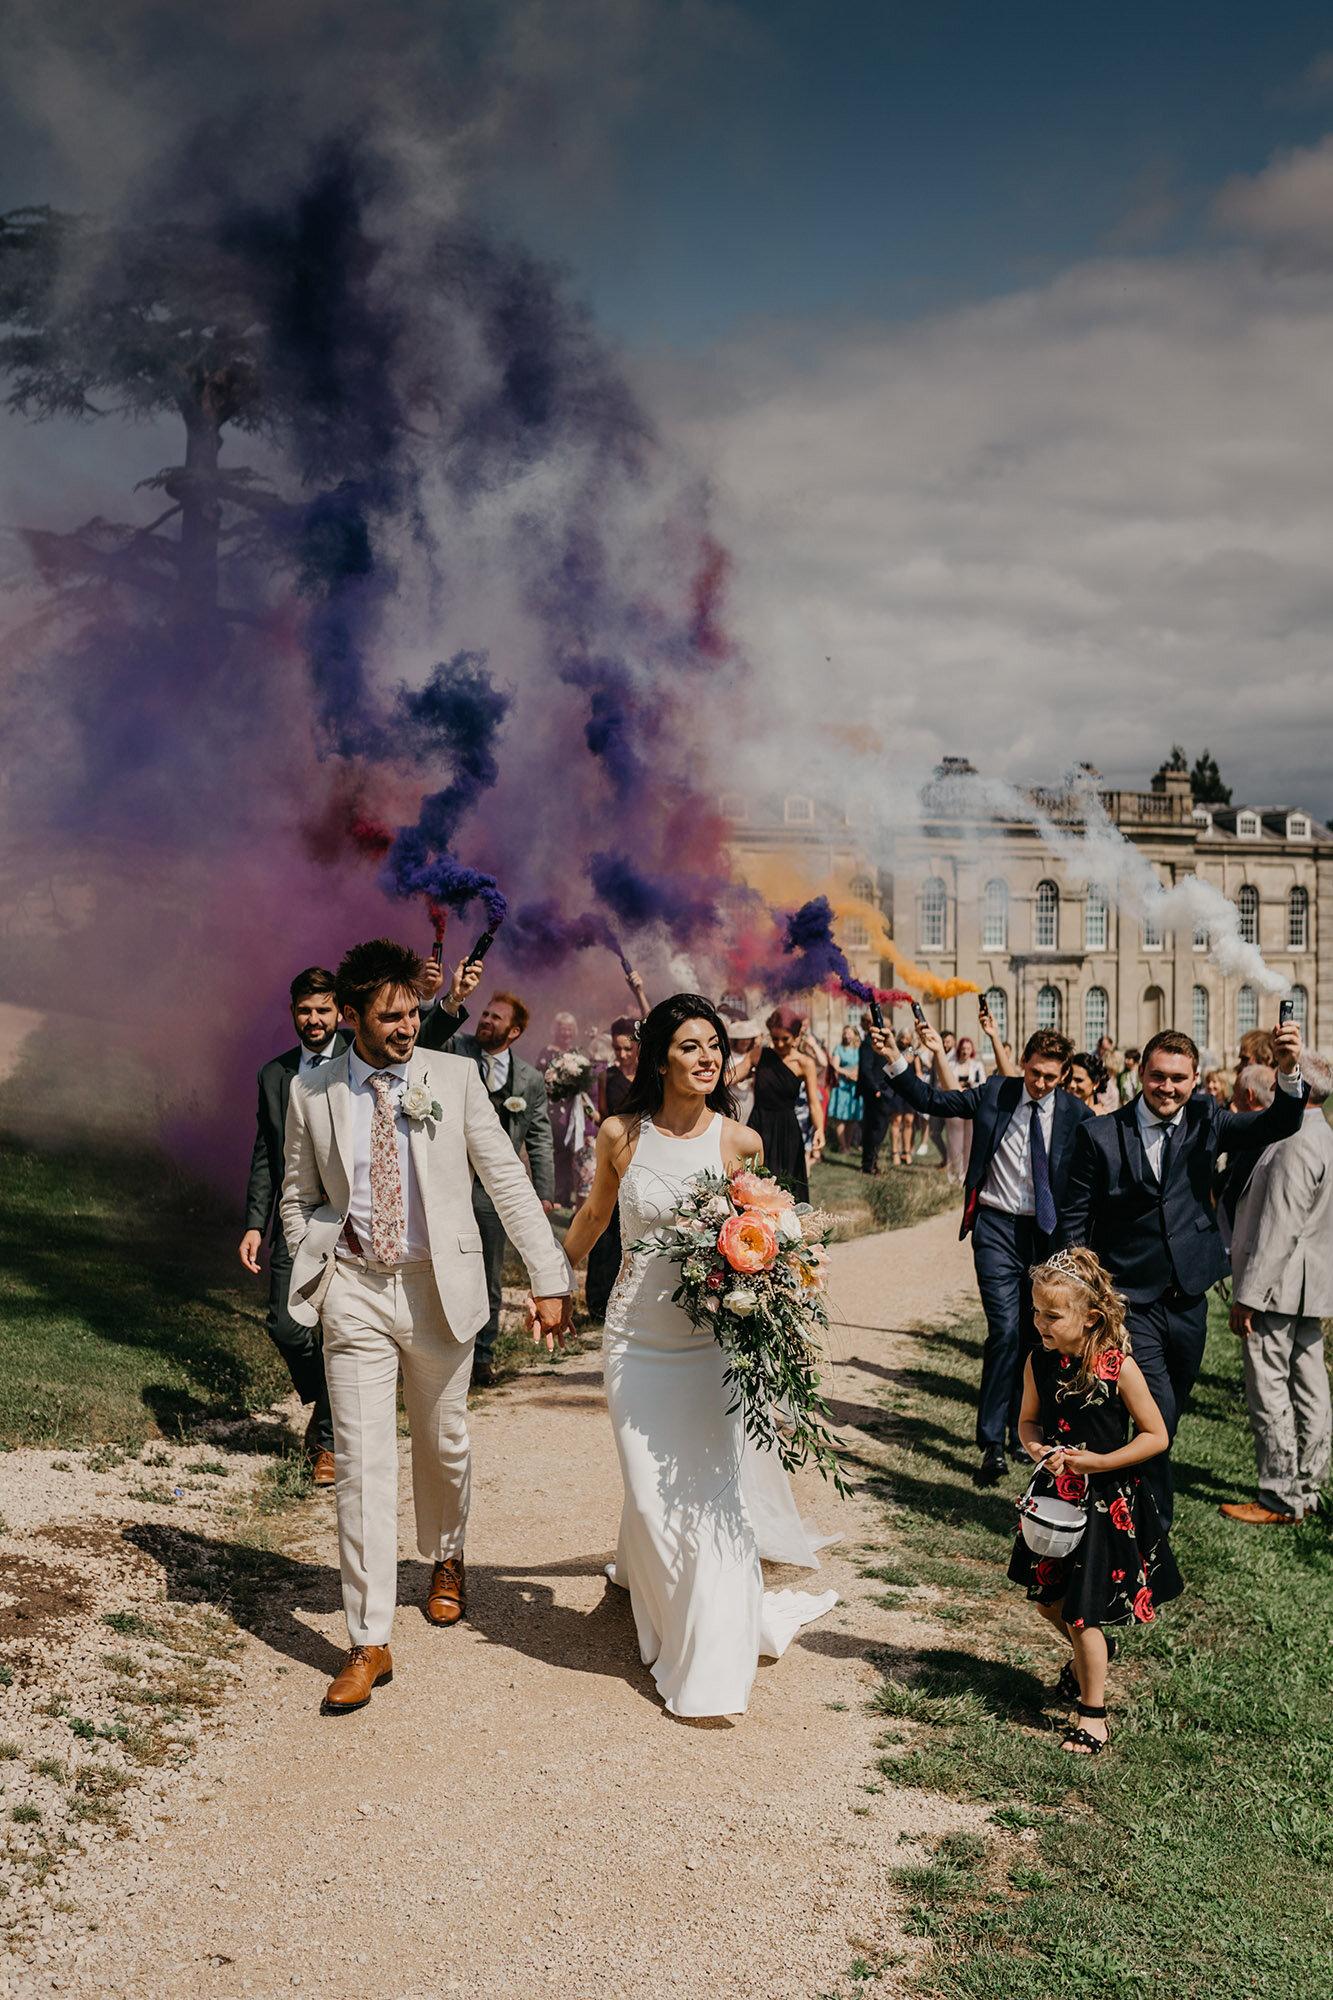 Warwickshire wedding at Compton Verney - Lauren and Ben